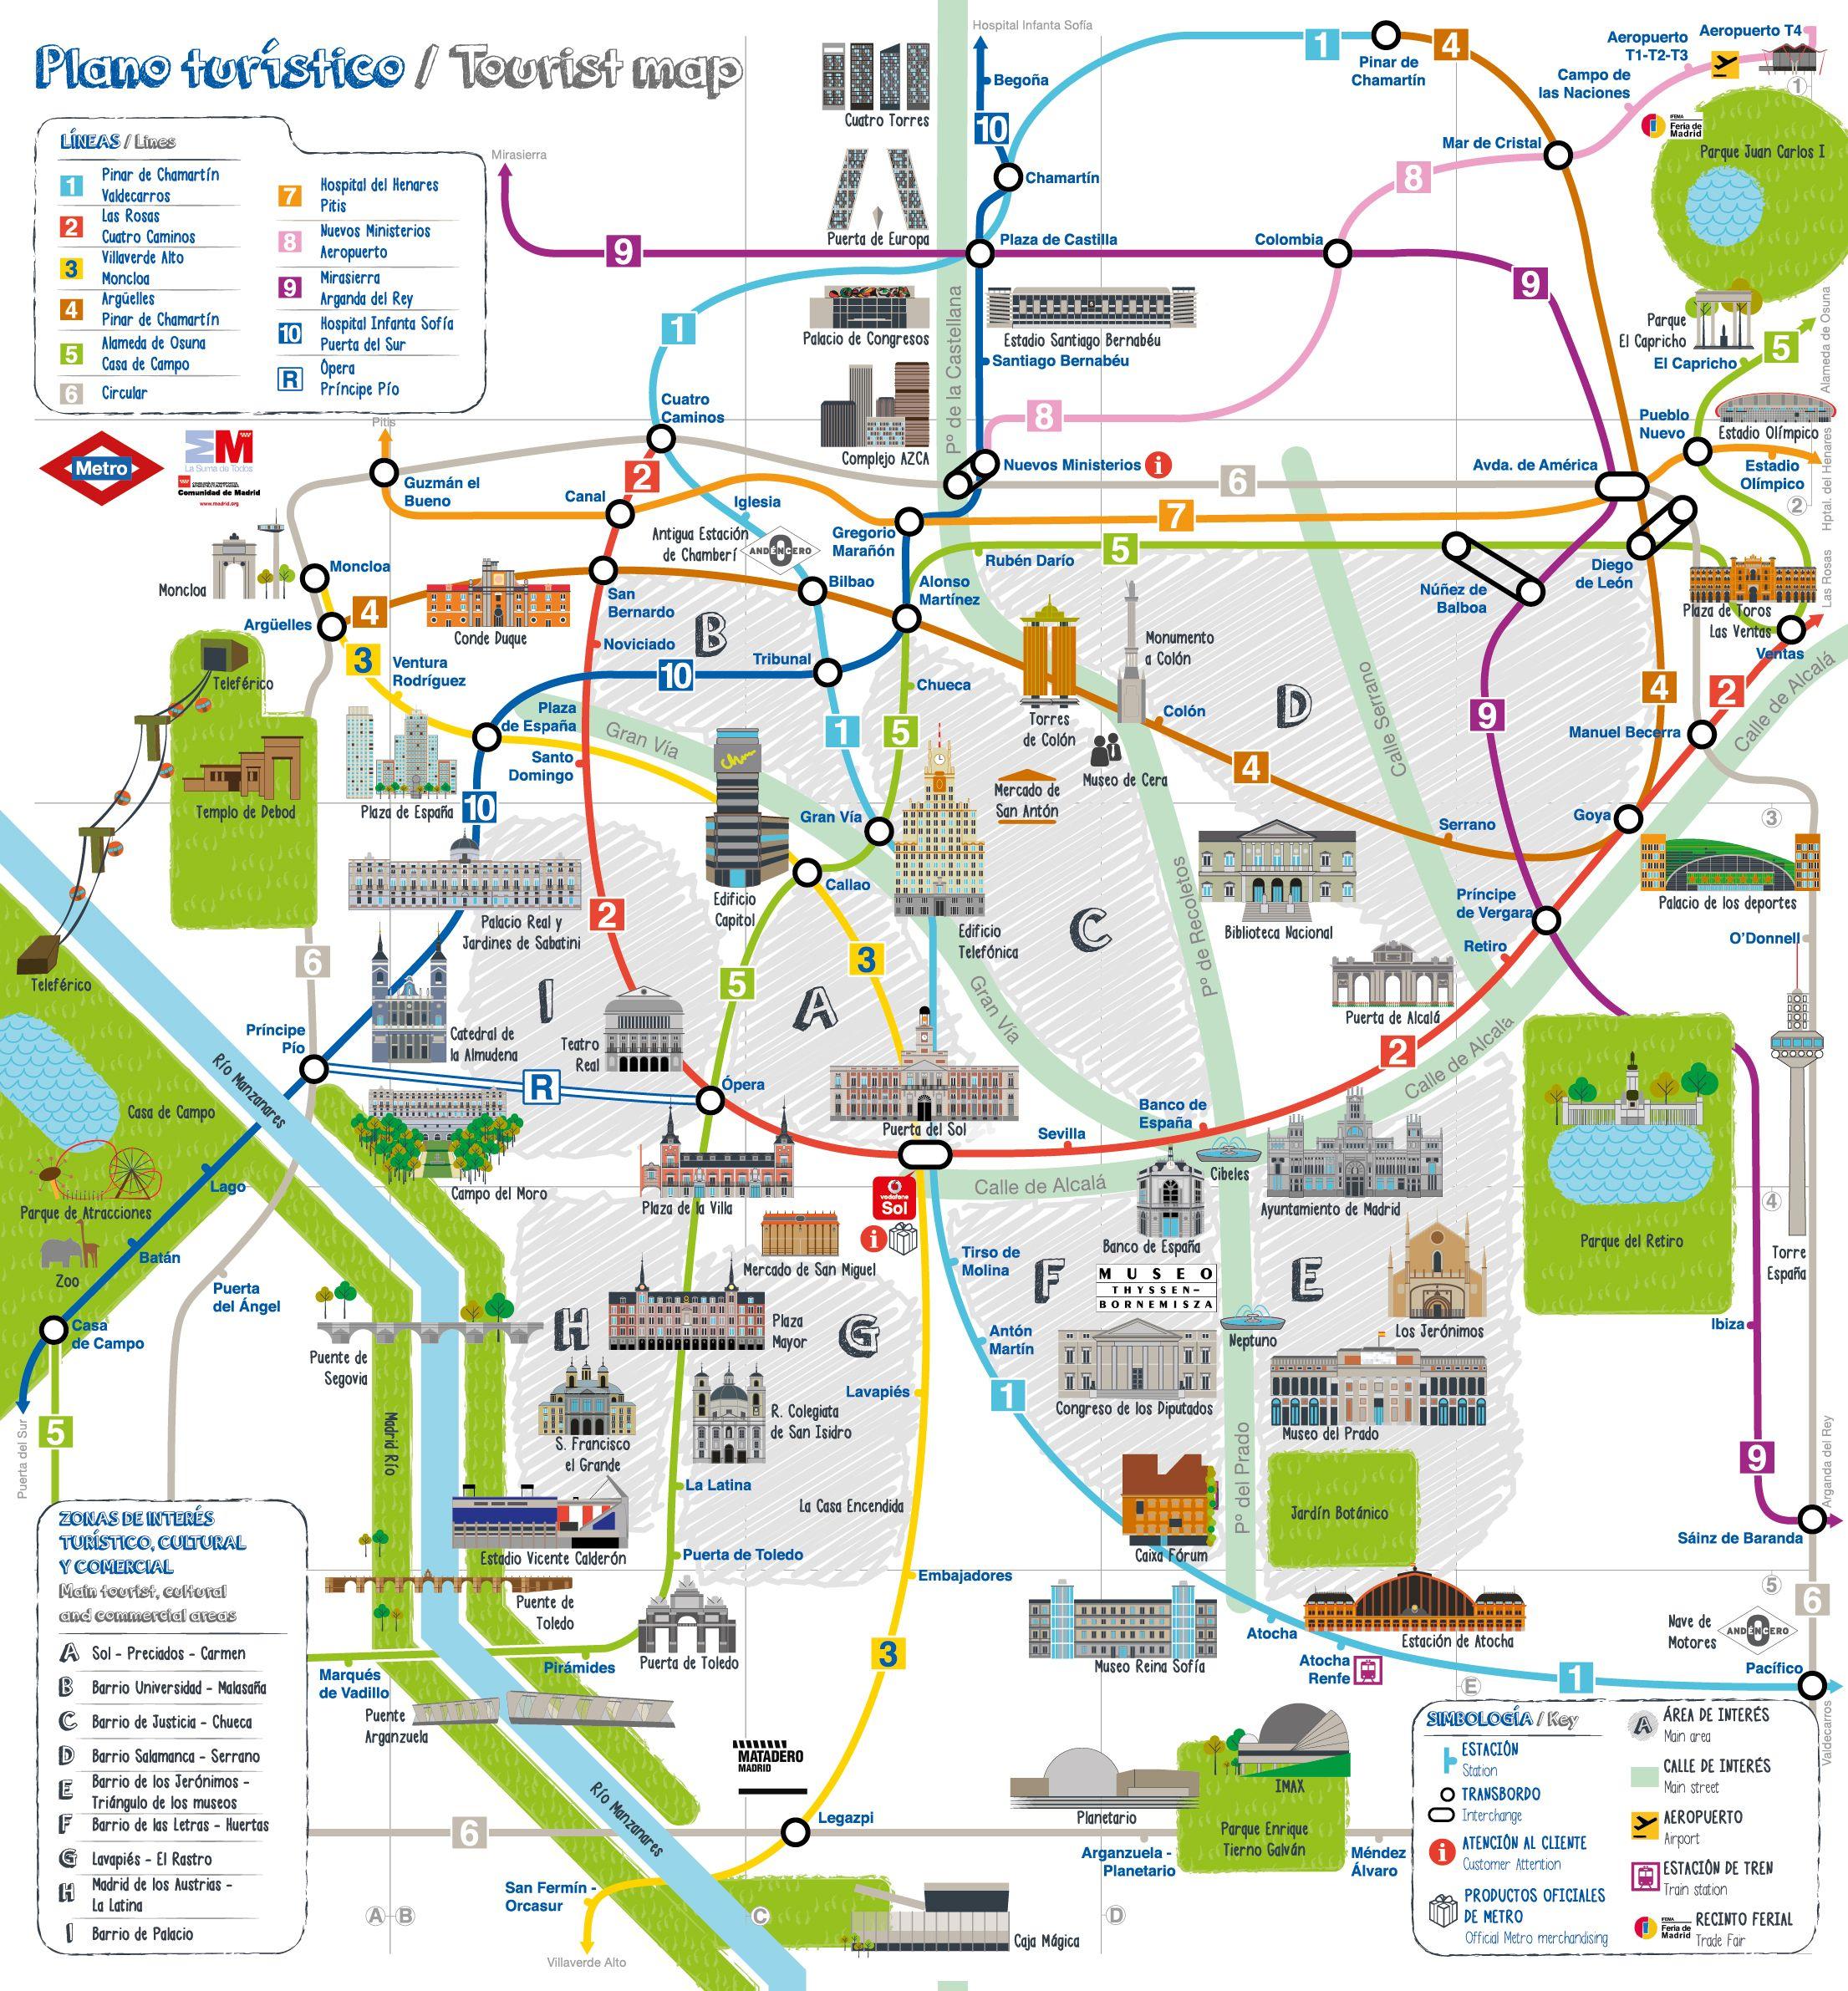 Nuevo mapa turstico del metro de Madrid Espana Pinterest